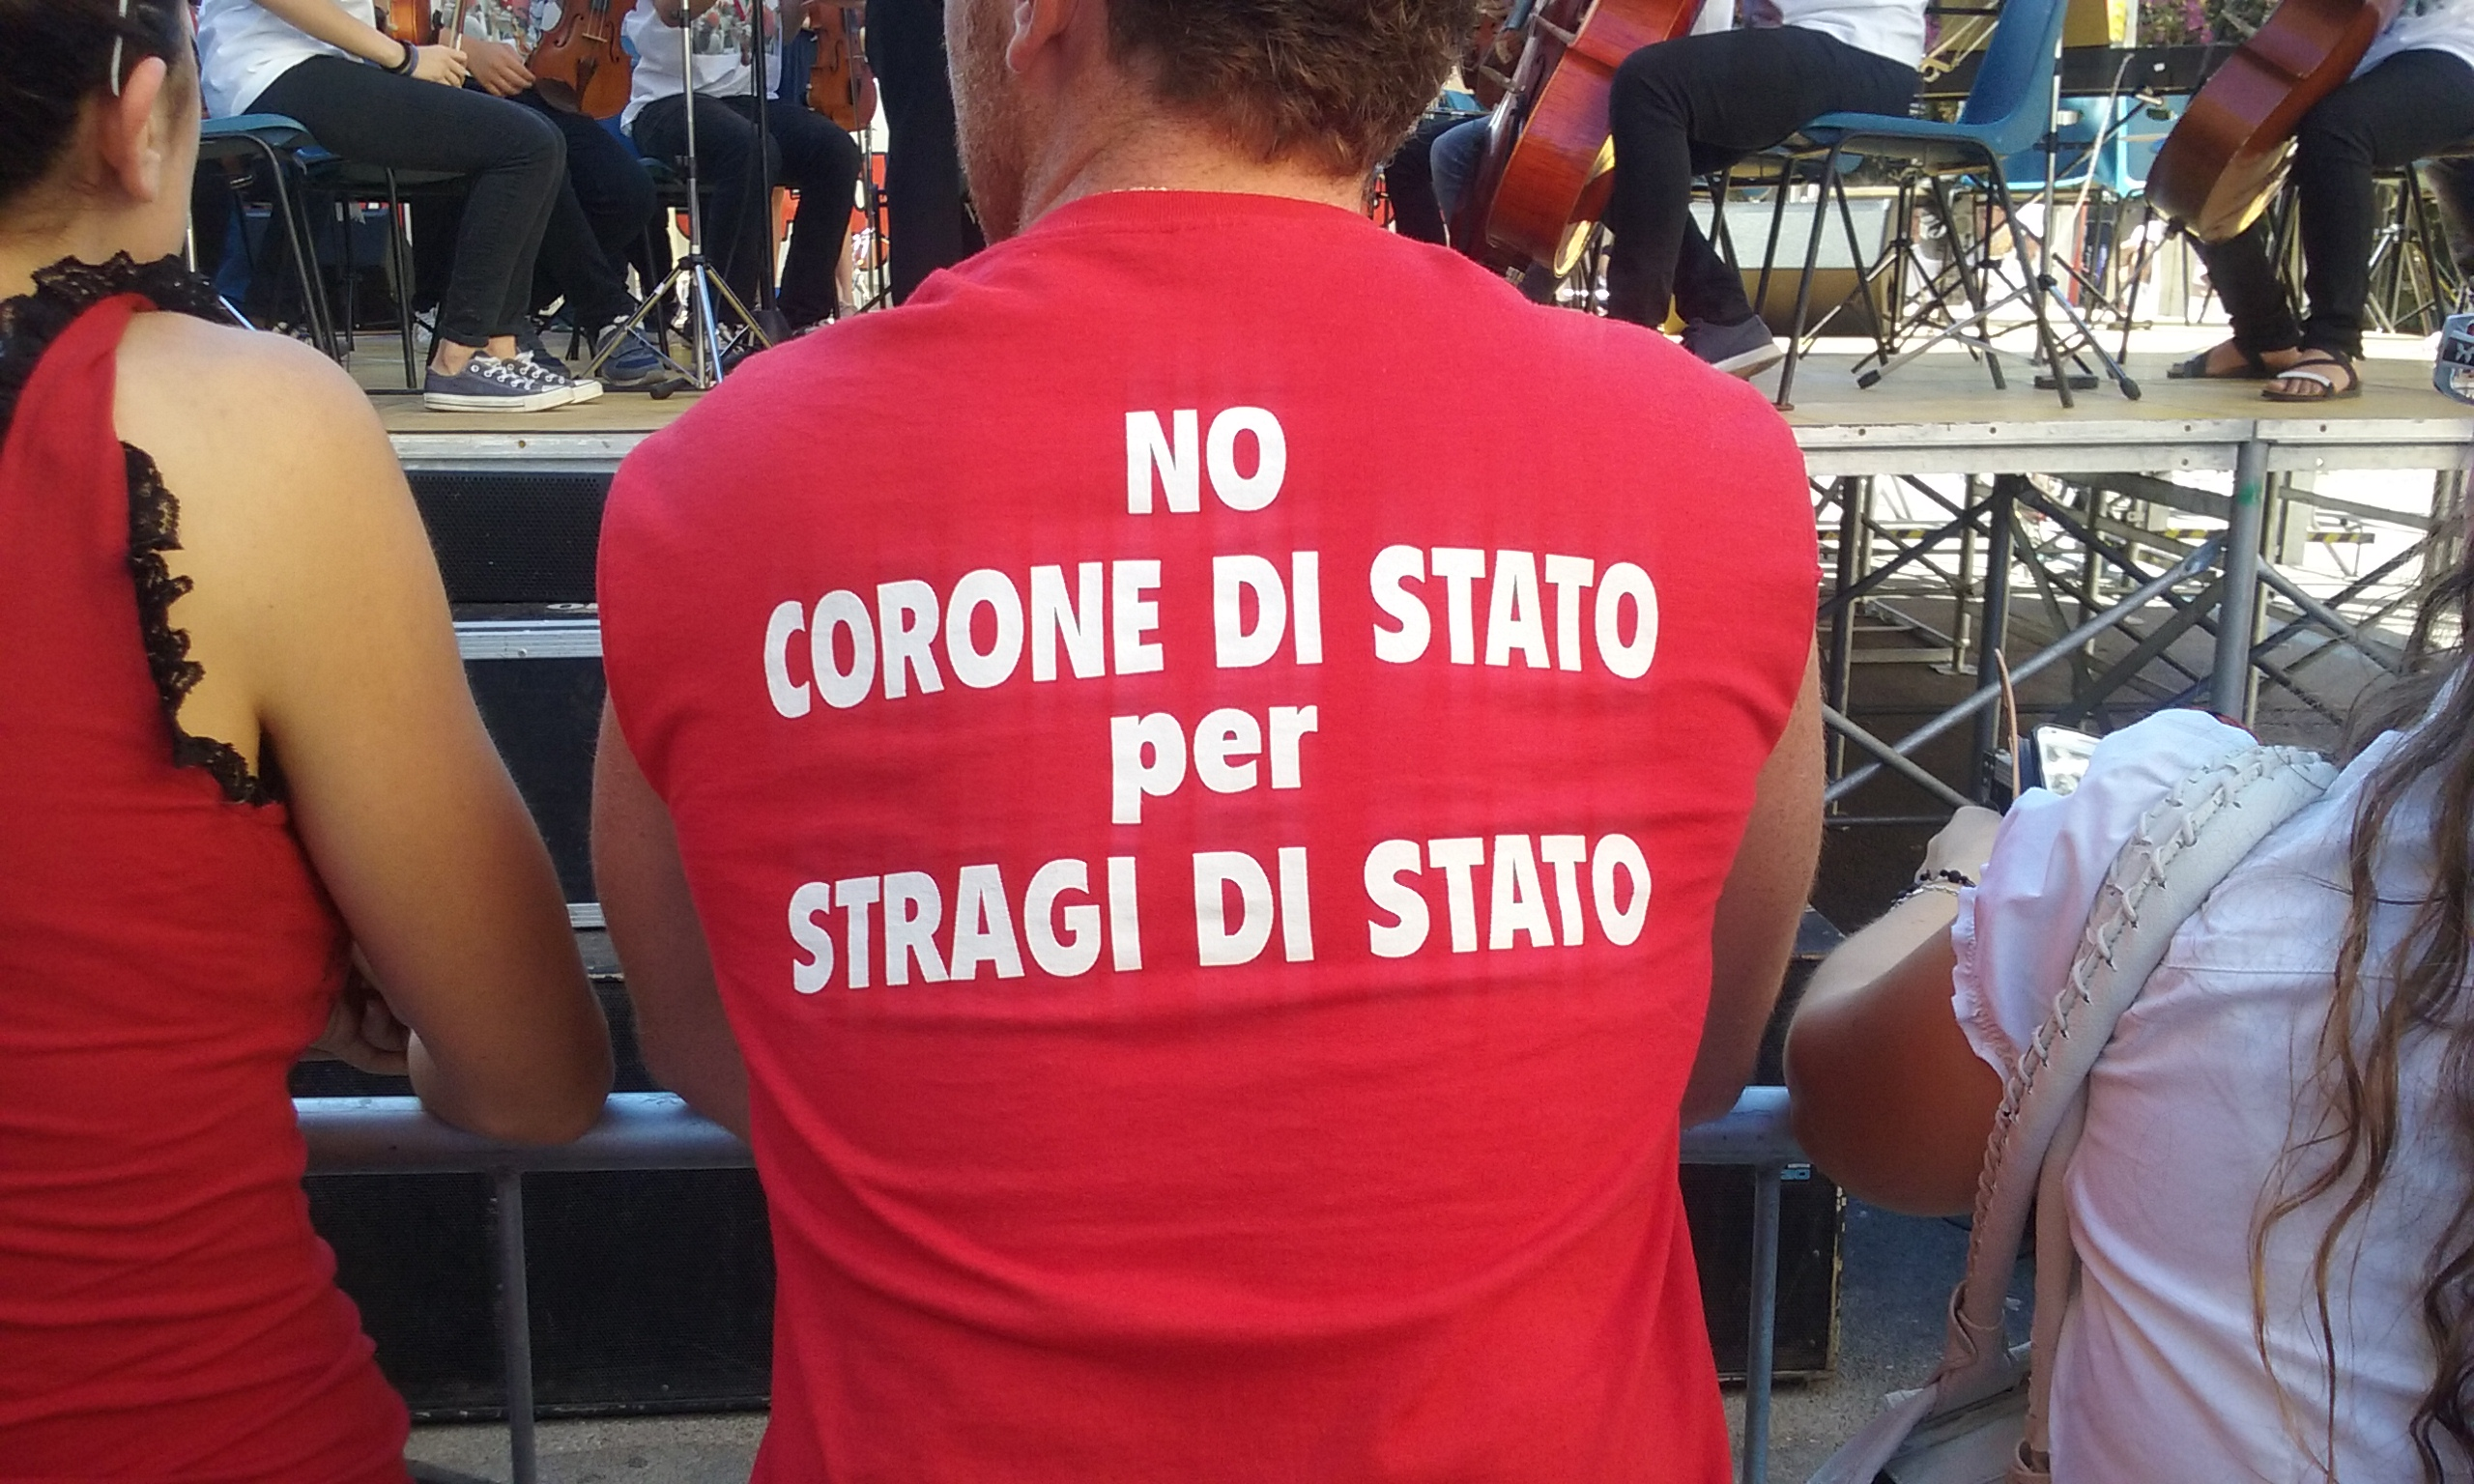 """Via D'Ameliio, S.Borsellino: """"Di Matteo braccato, magistrati imbavagliati"""""""